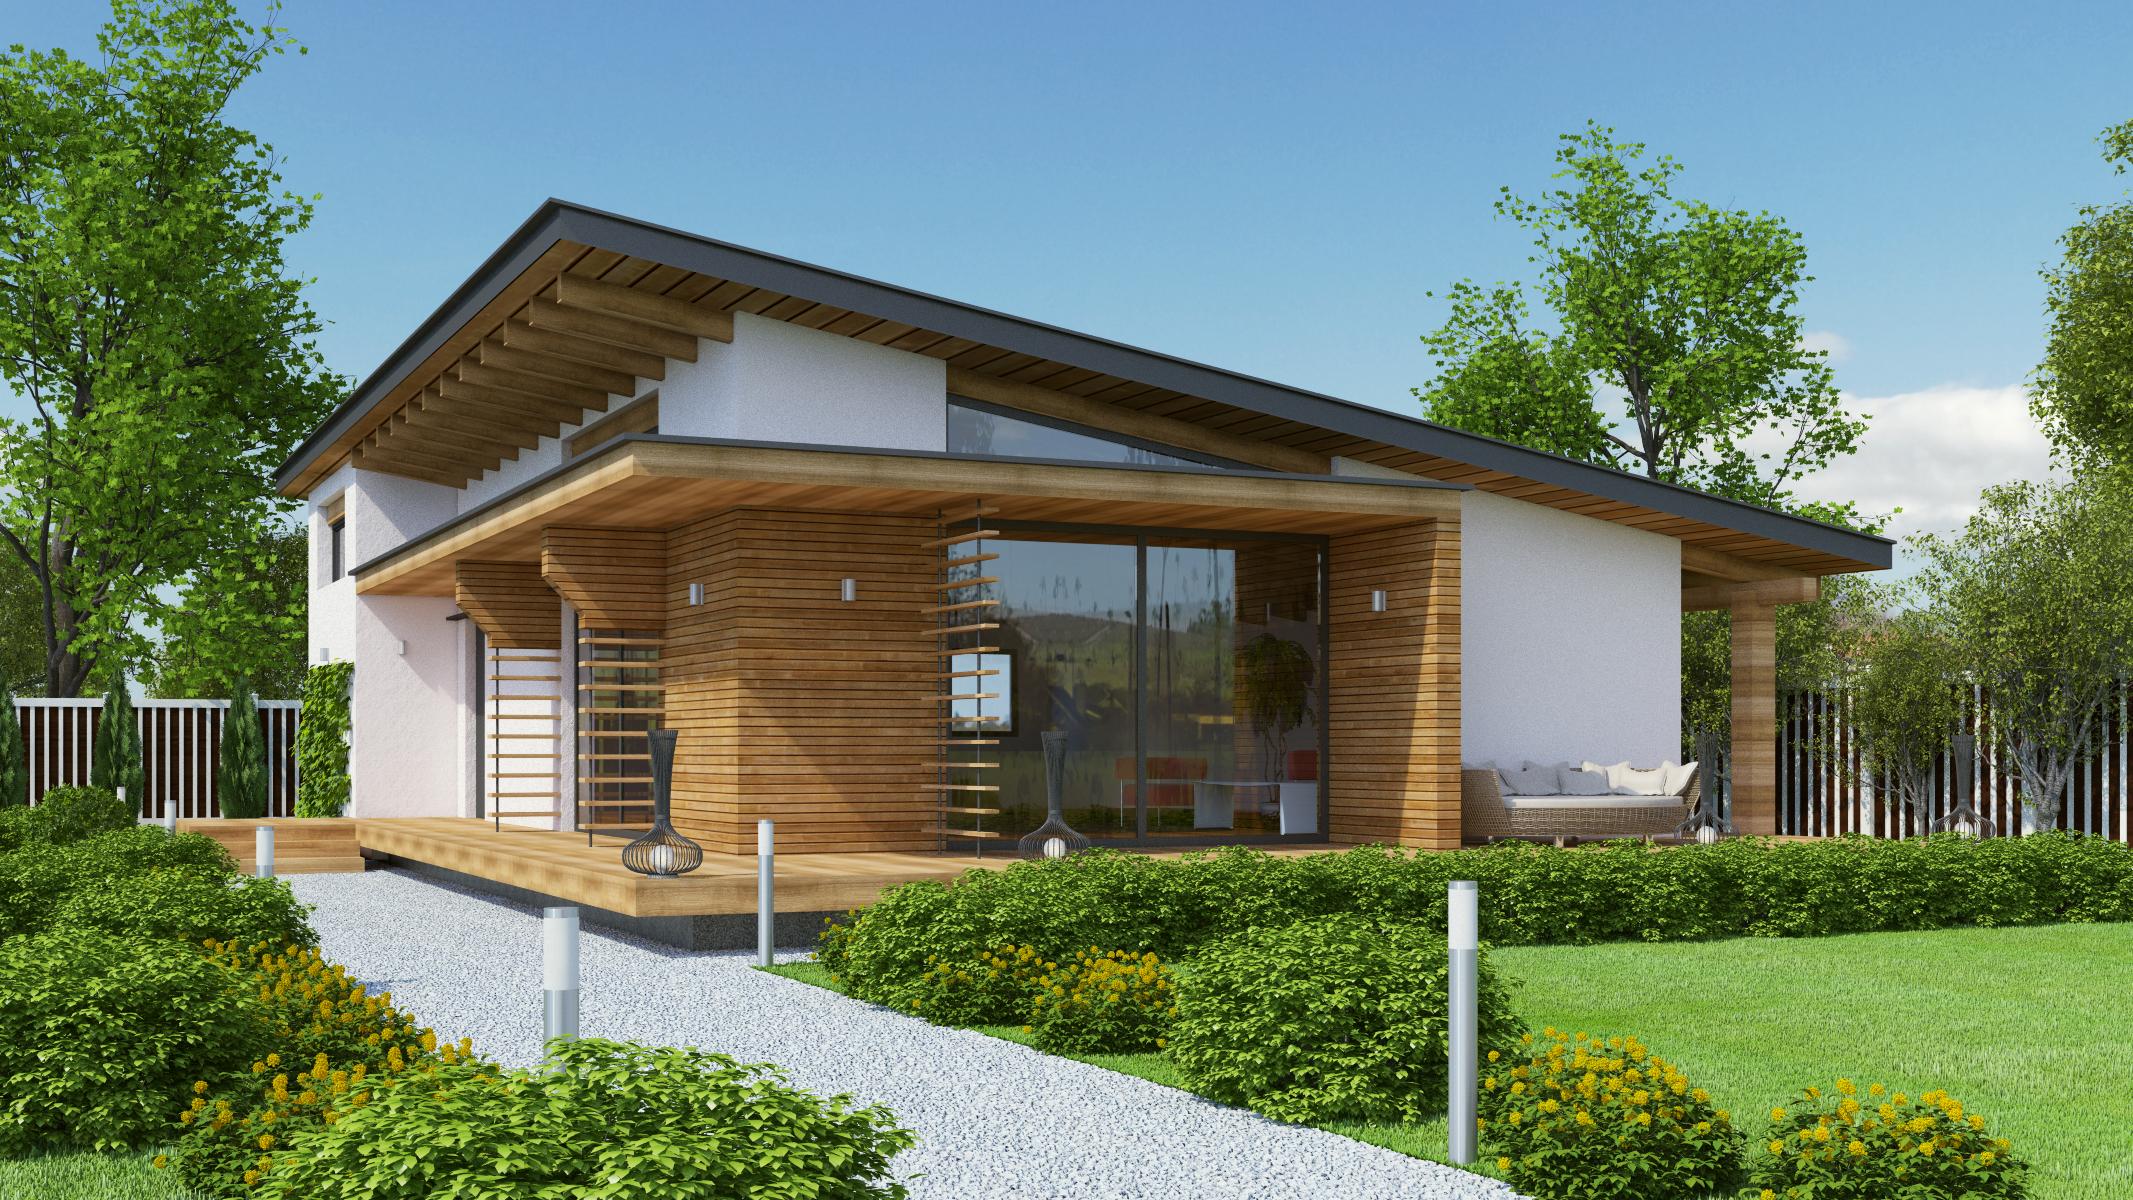 maison design.jpg